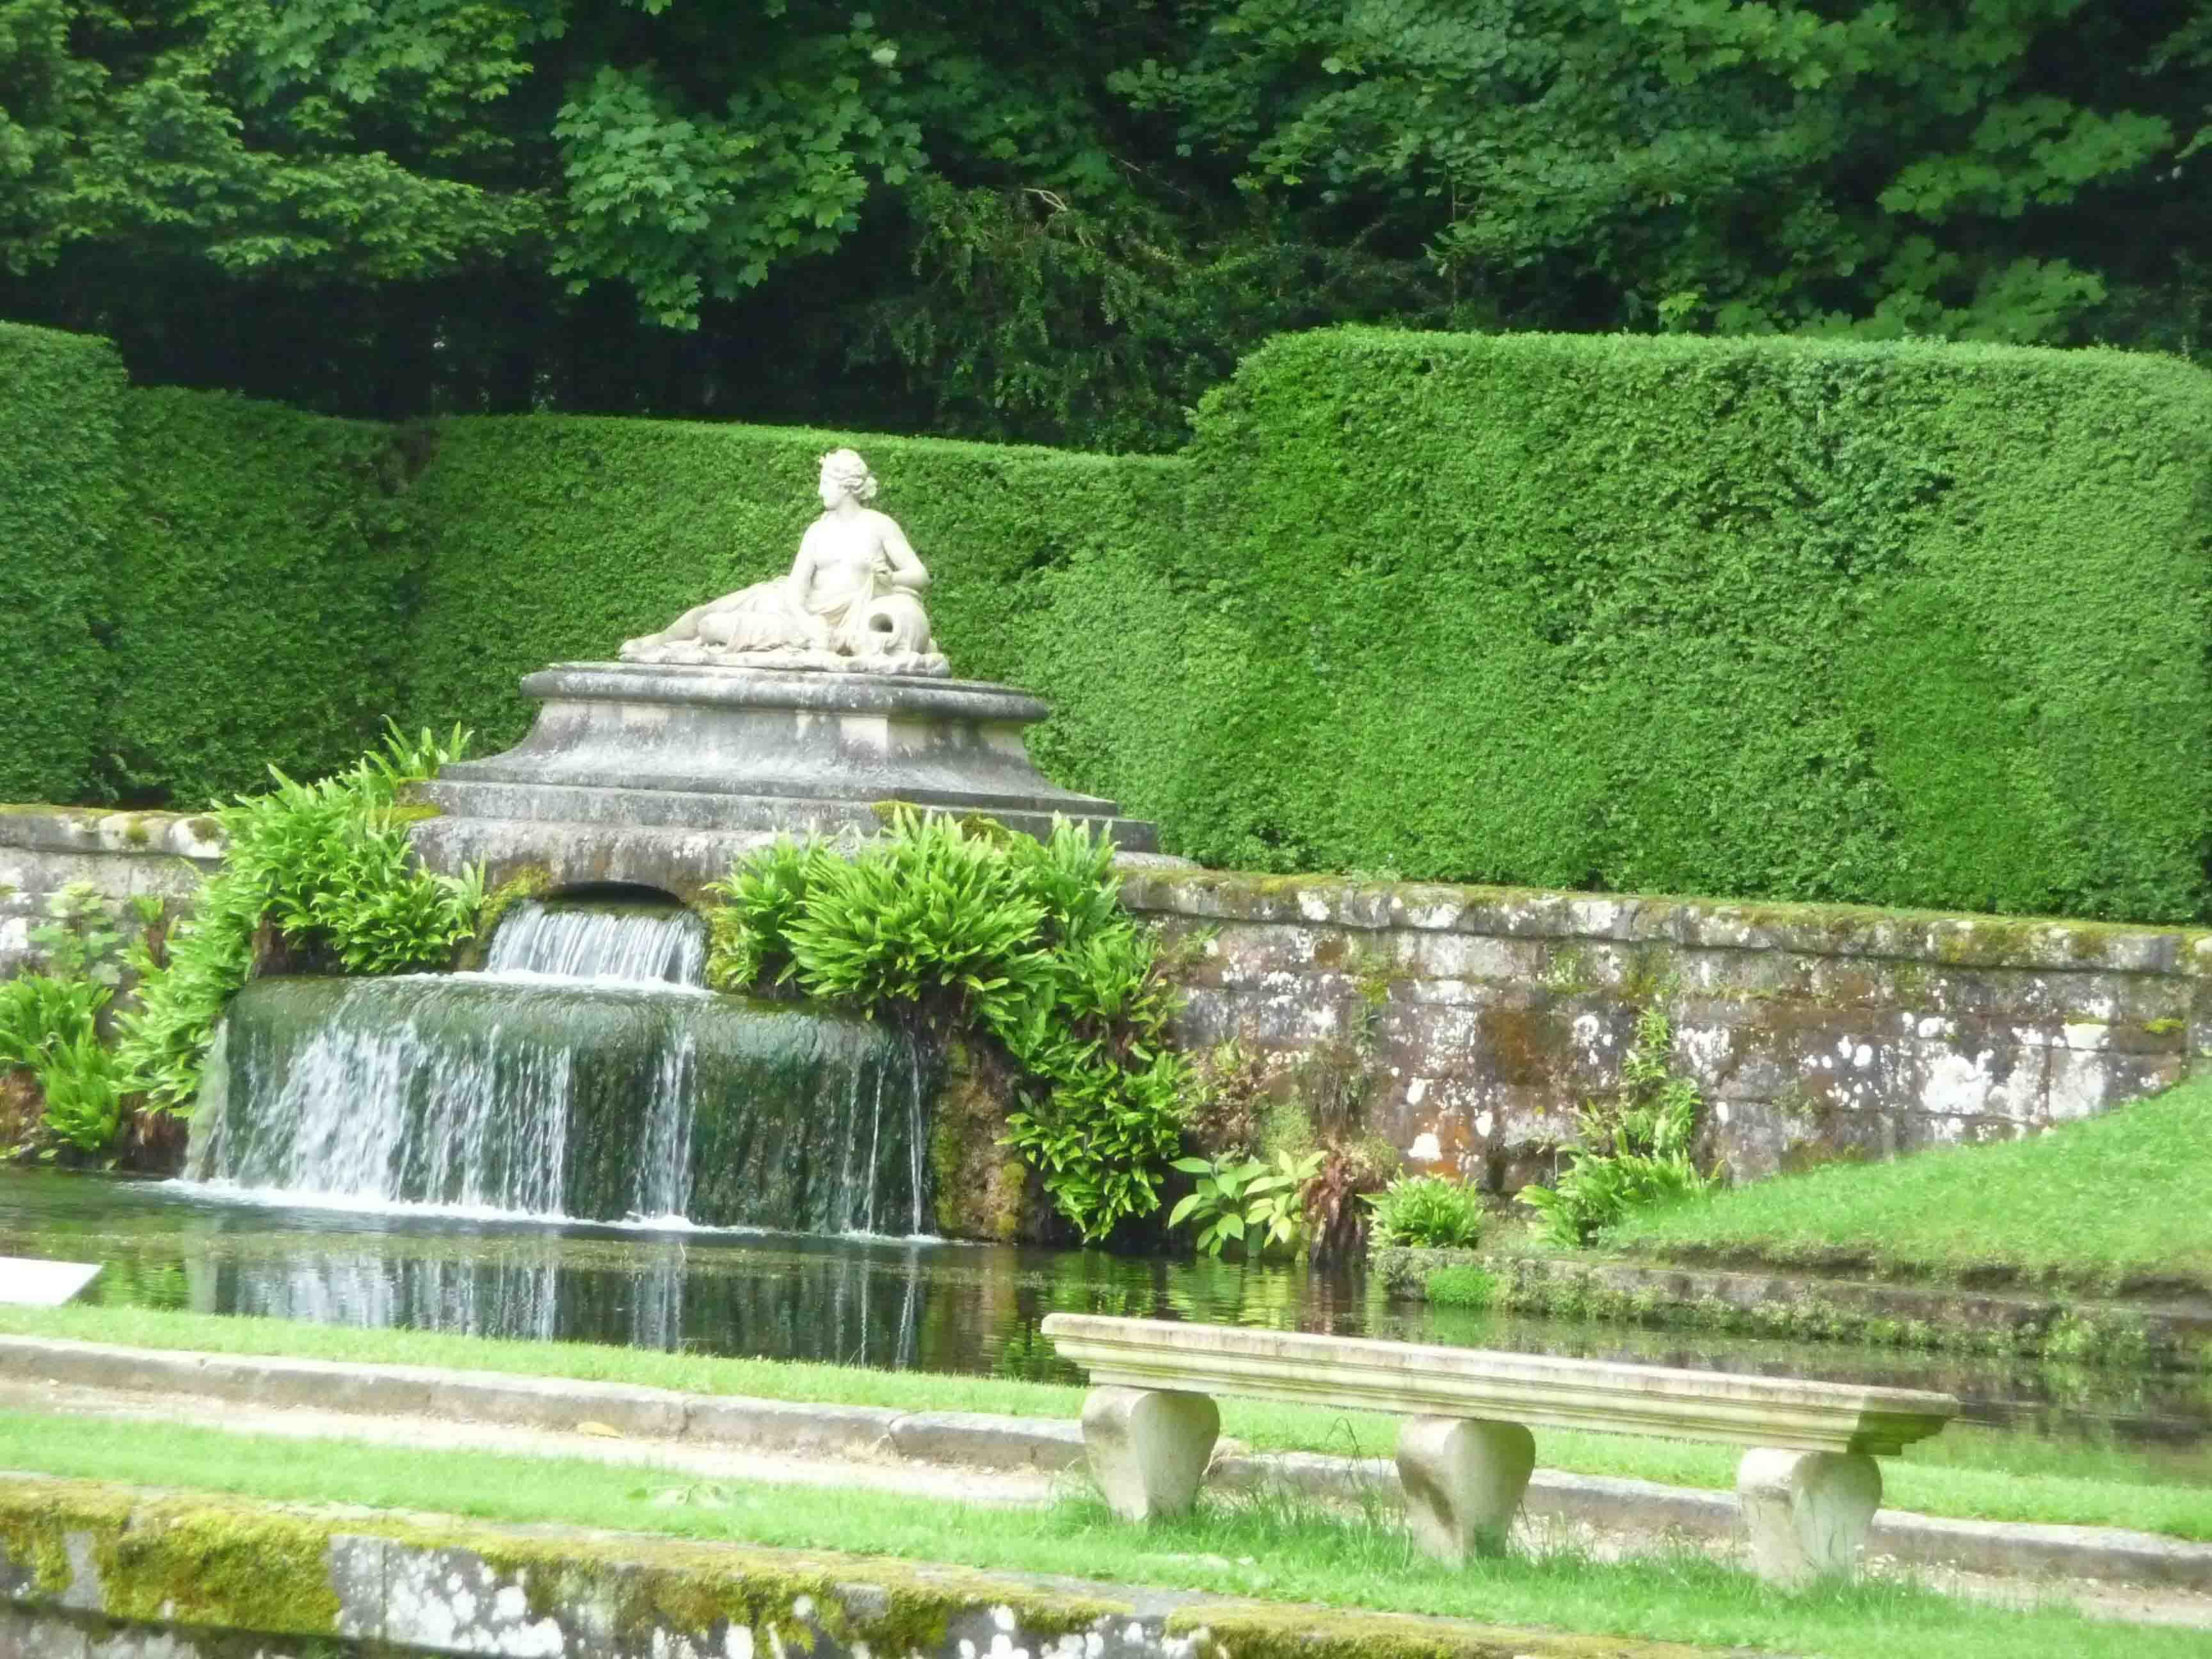 Belle vive le jardin bernay sabakunohana for Vive le jardin istres